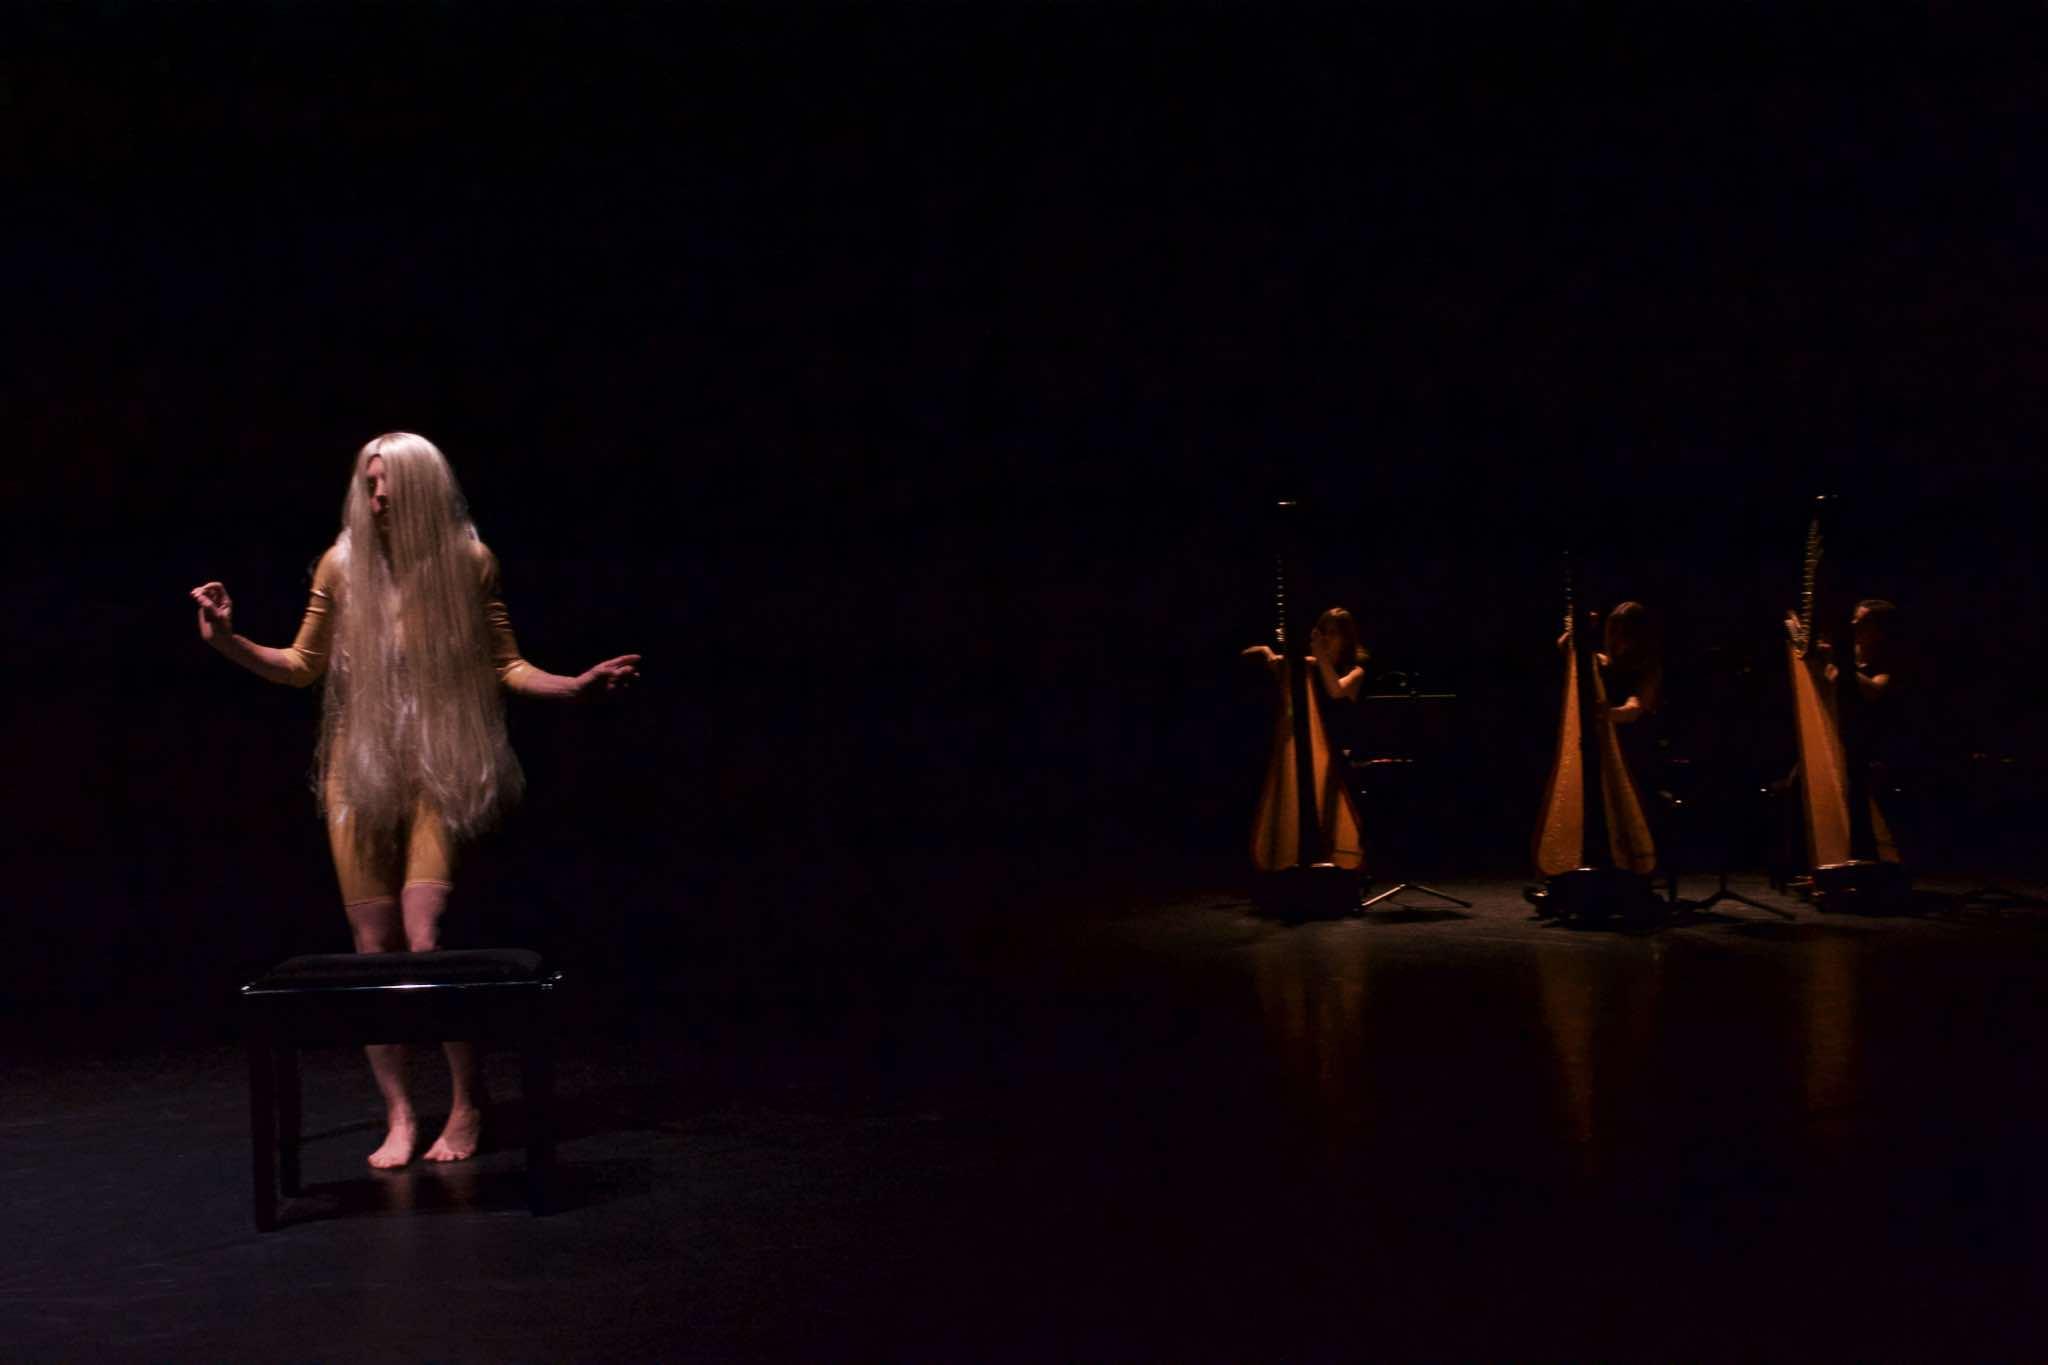 Flamenco Performance Anna Natt _ Foto von piotrrybkowski